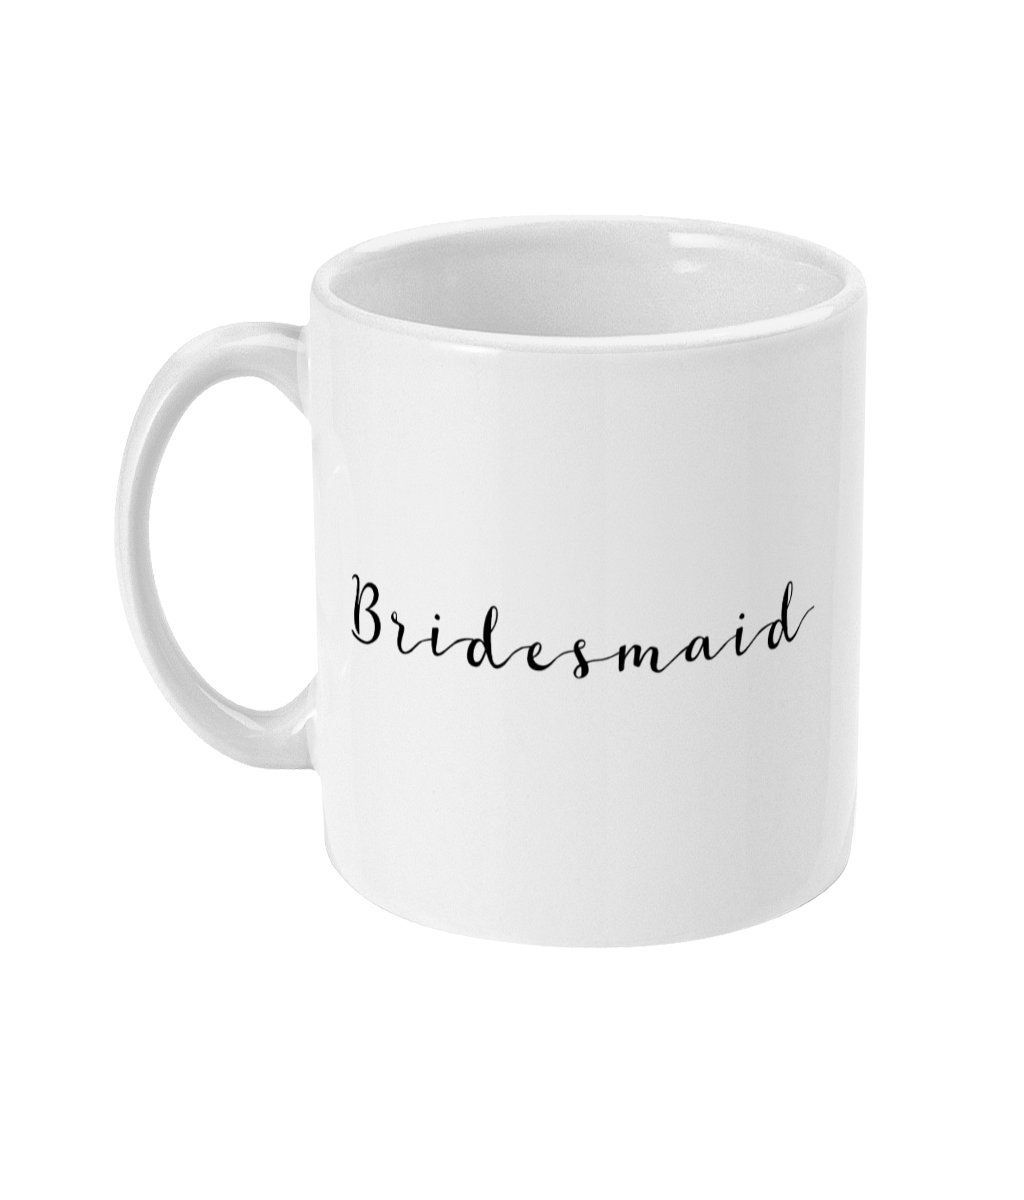 Bridesmaid Proposal, Bridesmaid Gift, Bridesmaid Mug, Will